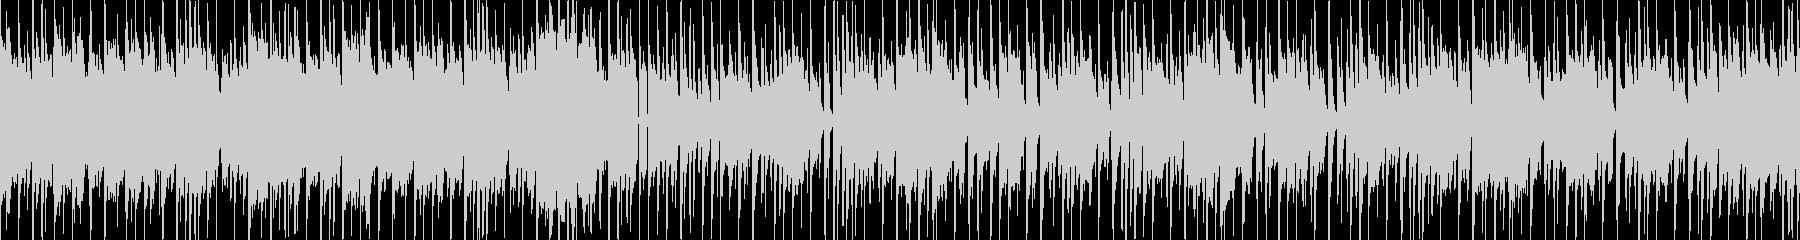 和楽器によるポップなEDM・ループ版の未再生の波形